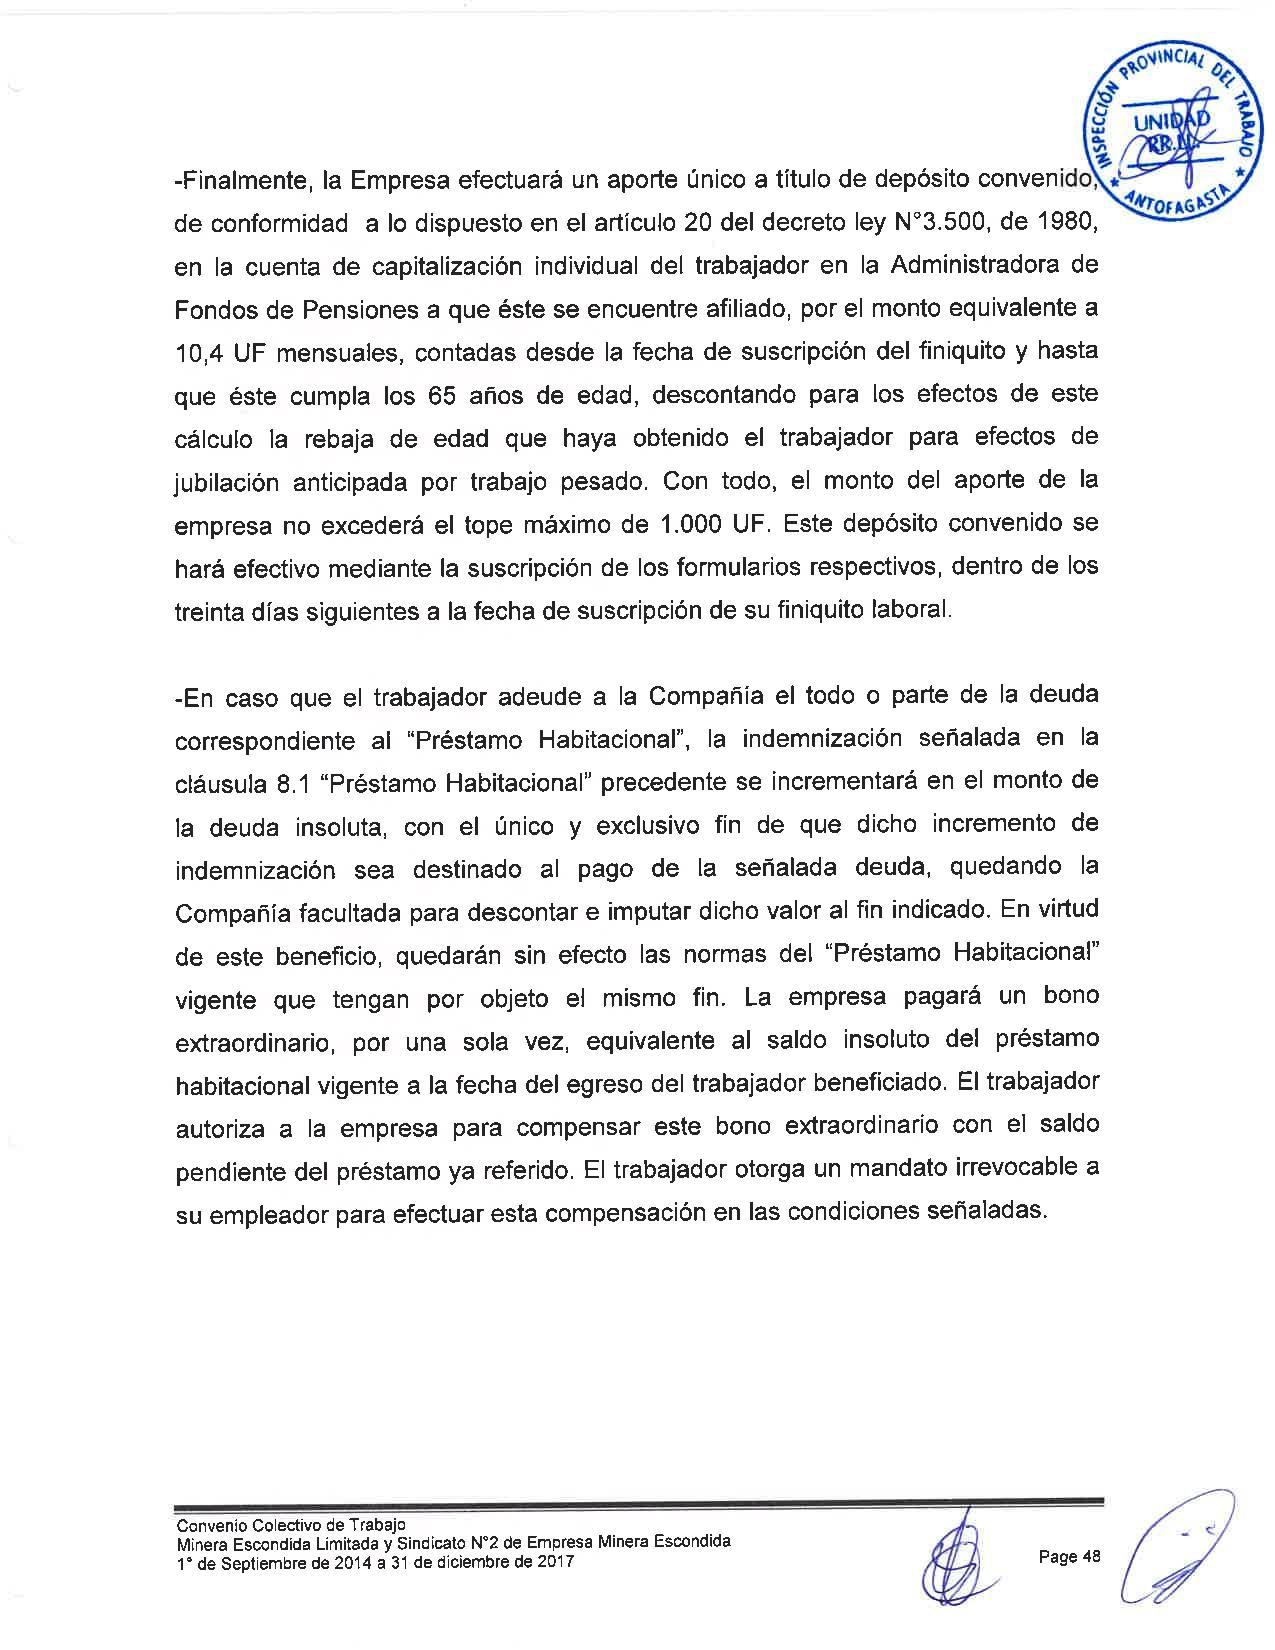 Página (48).jpg